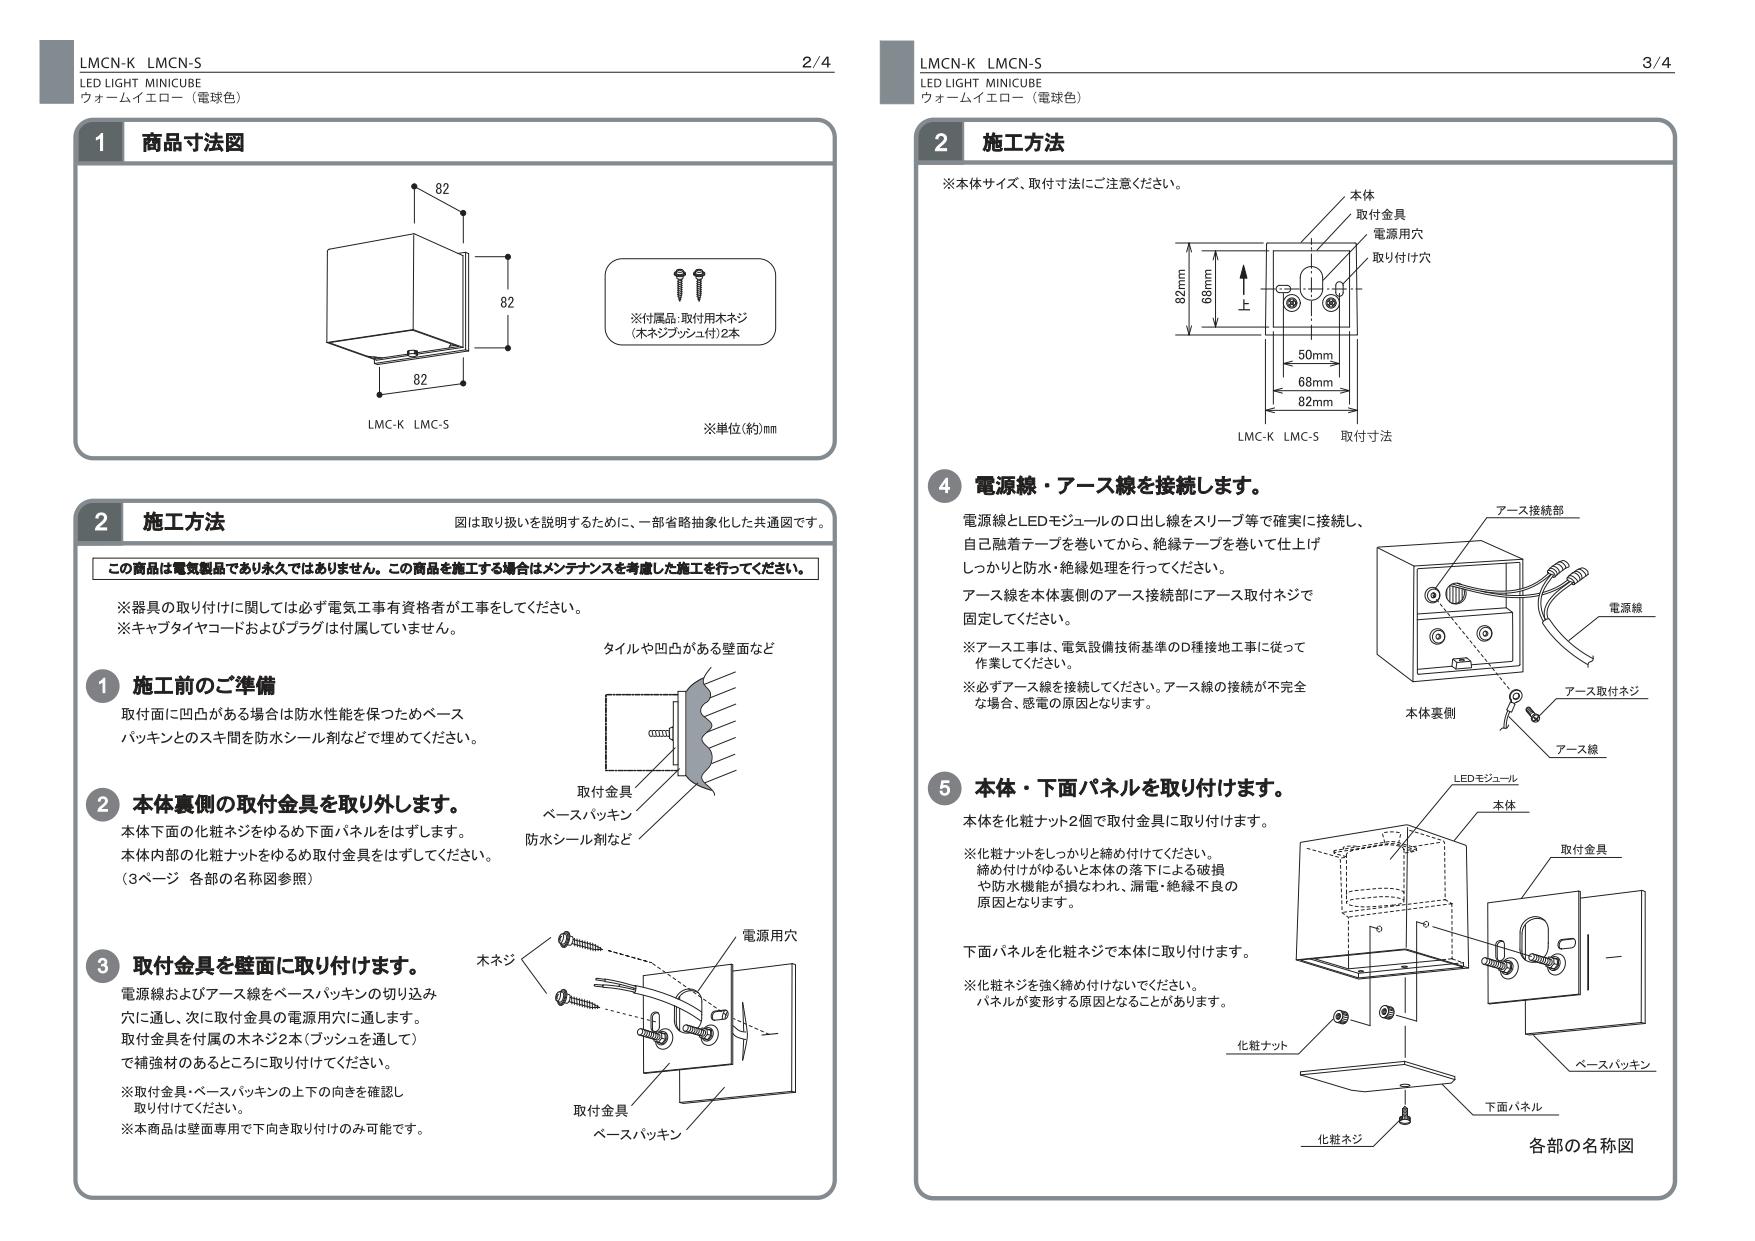 ミニキューブ 施工説明書_page-0002